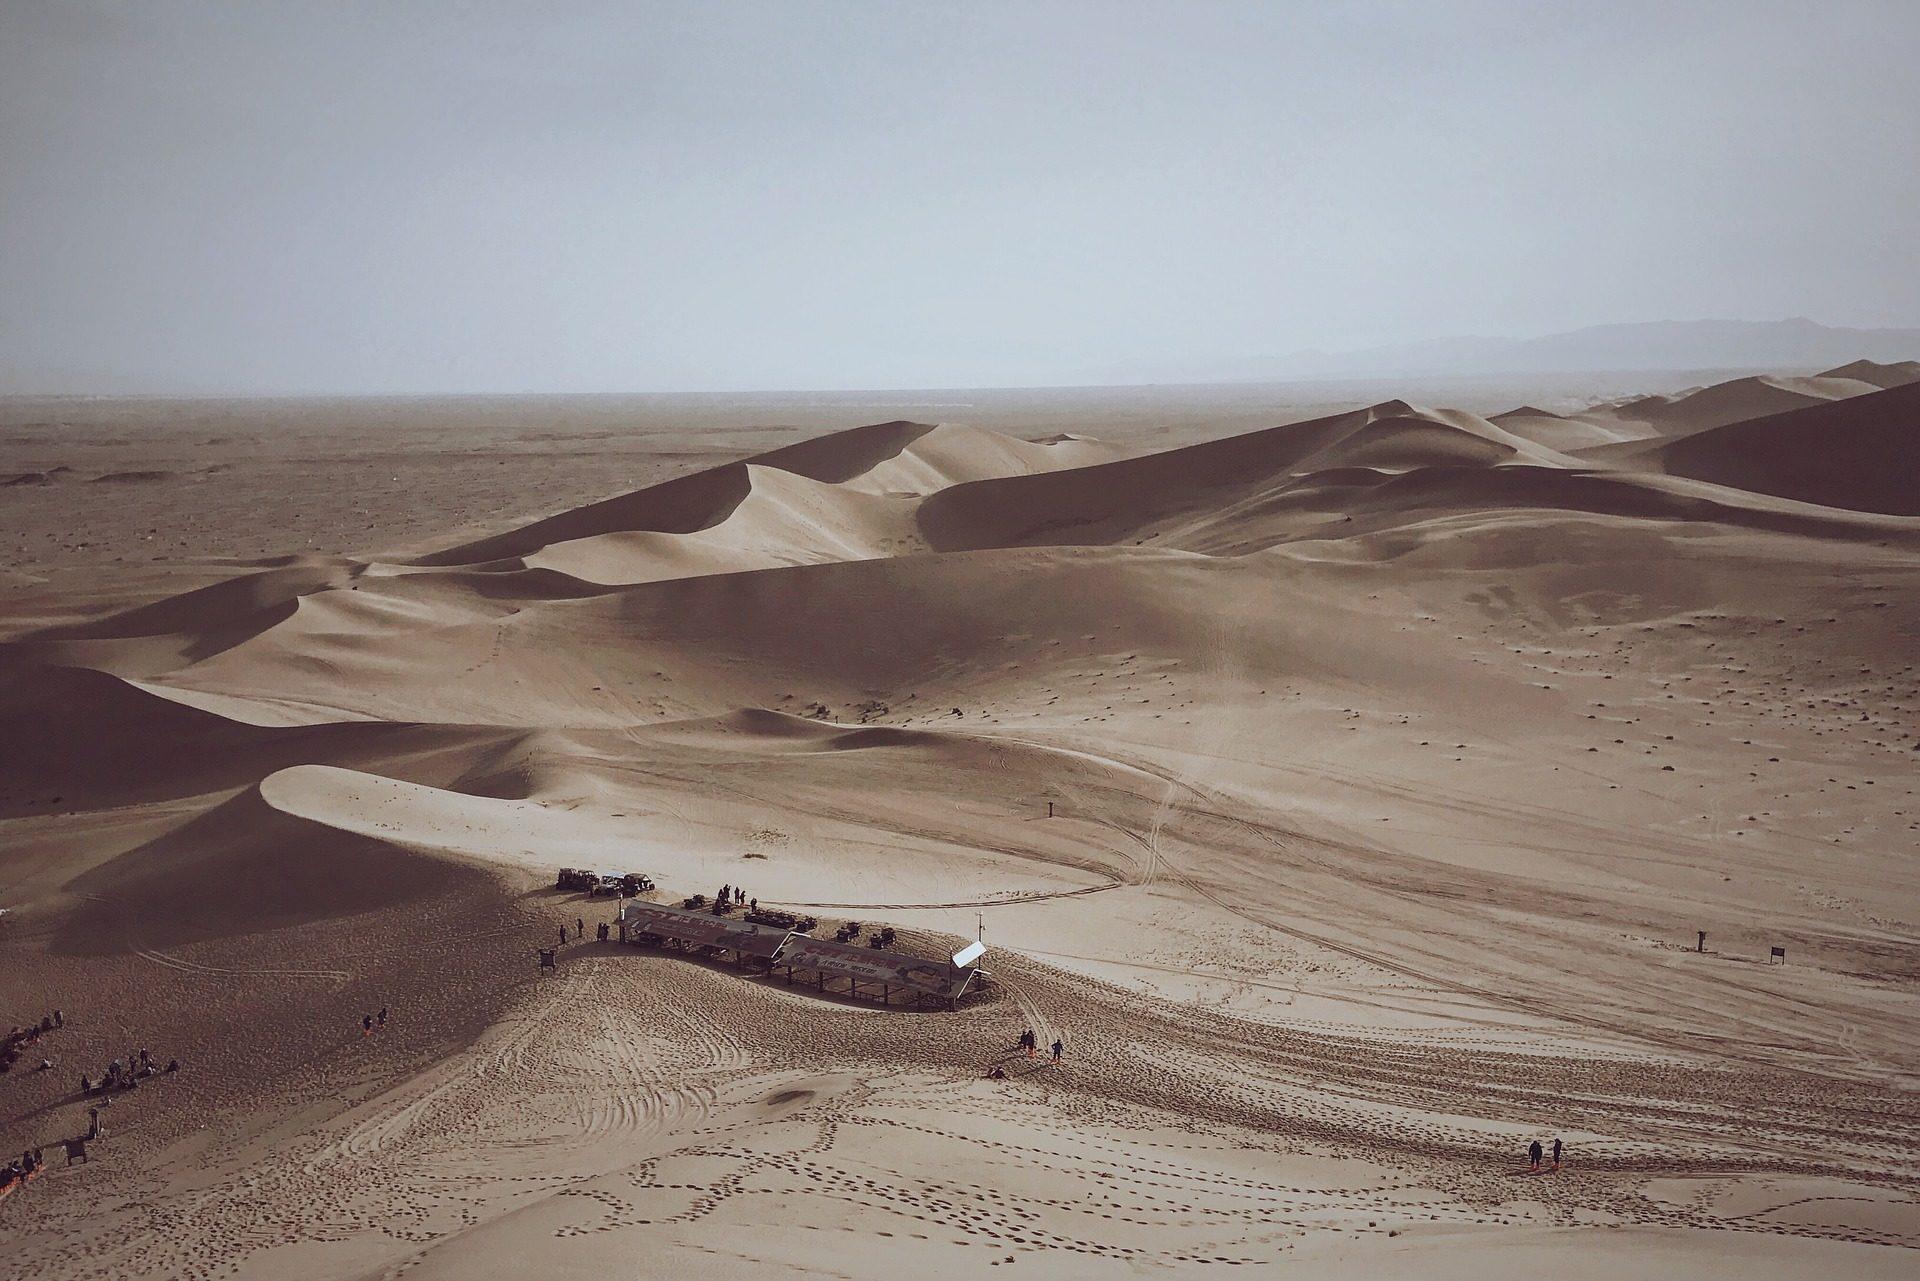 صحراء, الكثبان الرملية, الرمال, معالجته, الشعب, مينغشا - خلفيات عالية الدقة - أستاذ falken.com